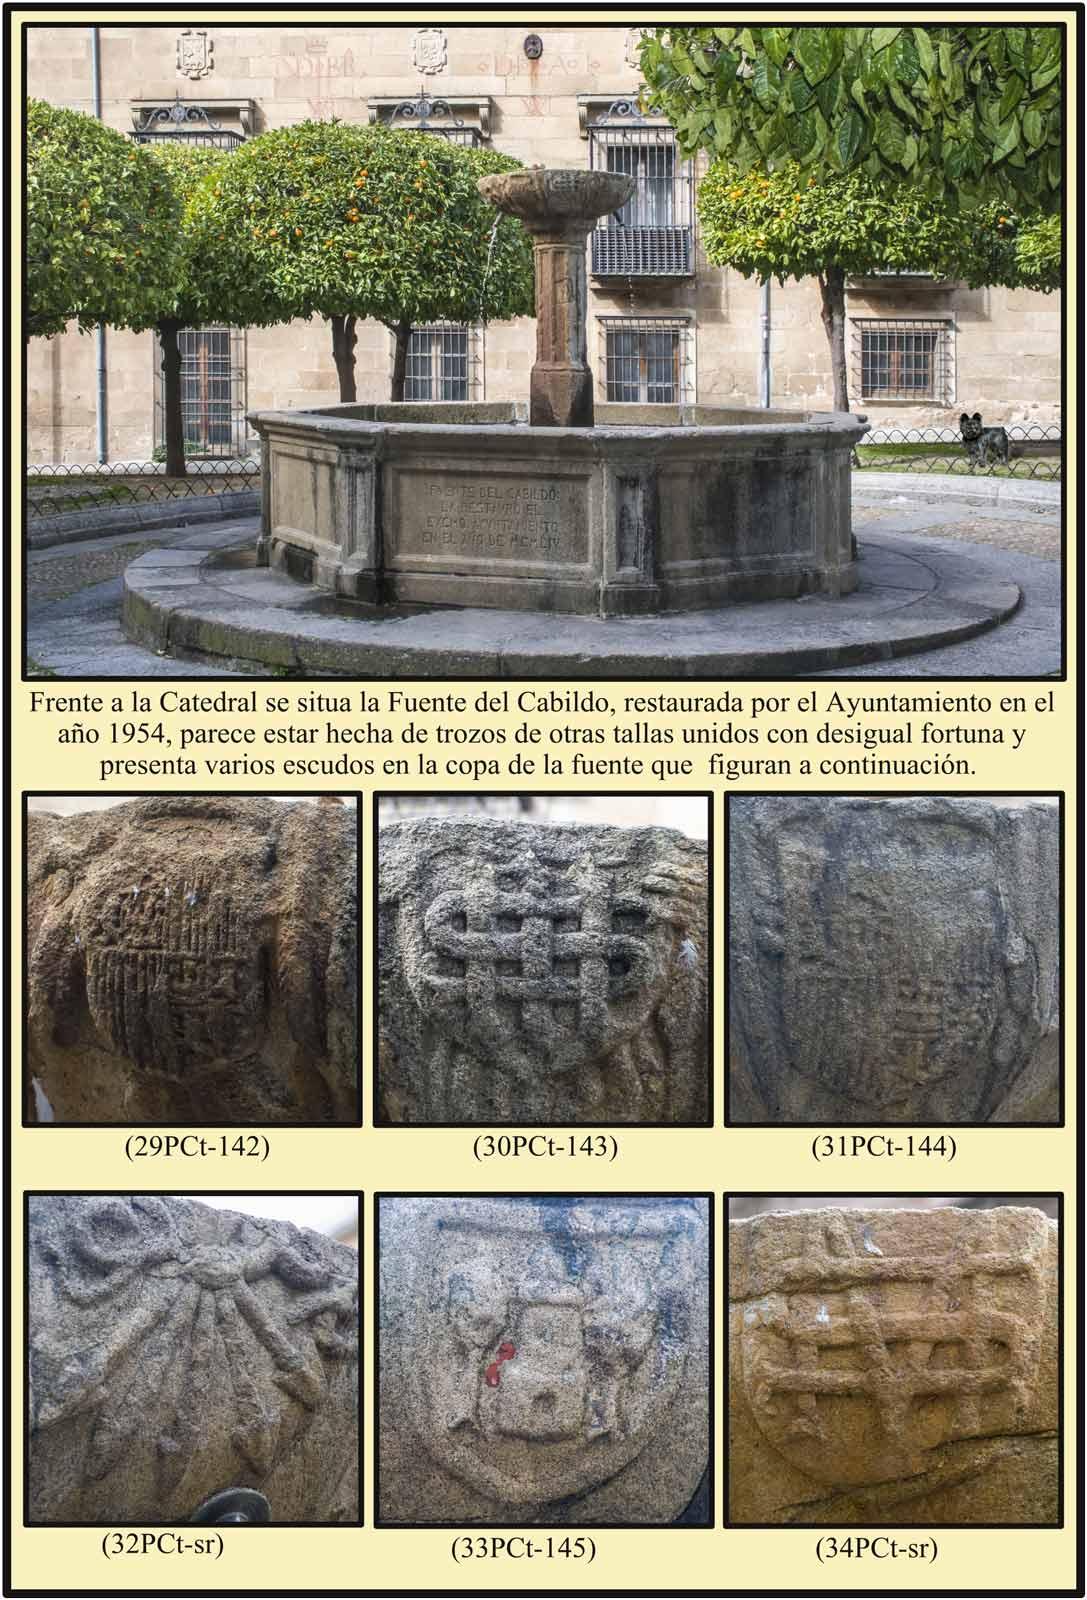 Plaza de la Catedral Fuente del Cabildo escudos en la copa Reyes Catolicos Plasencia Santa Maria